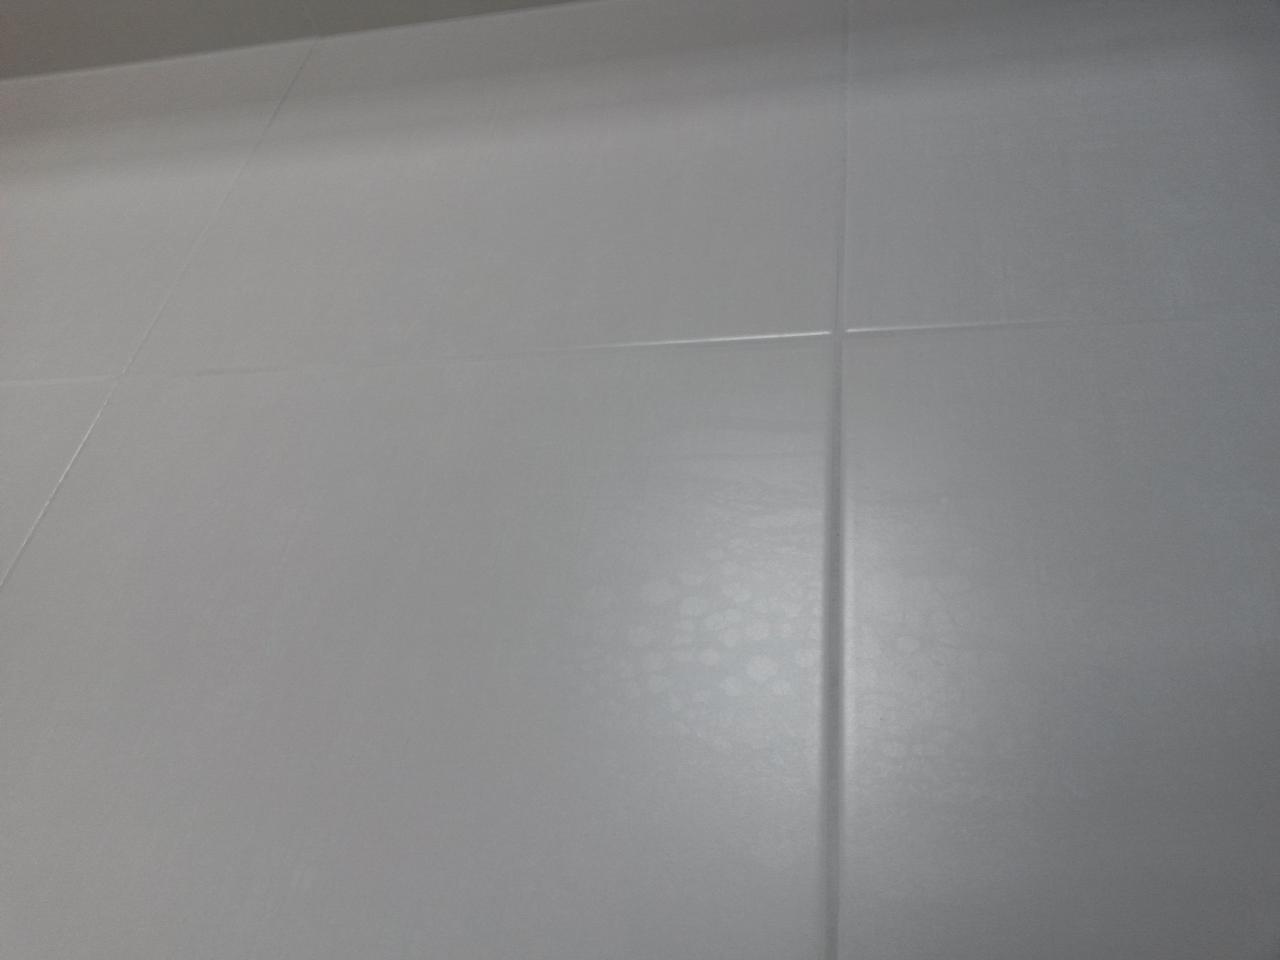 RückständeFlecken Fliesen Fugenmasse Bauforum Auf - Fugenmasse auf fliesen entfernen